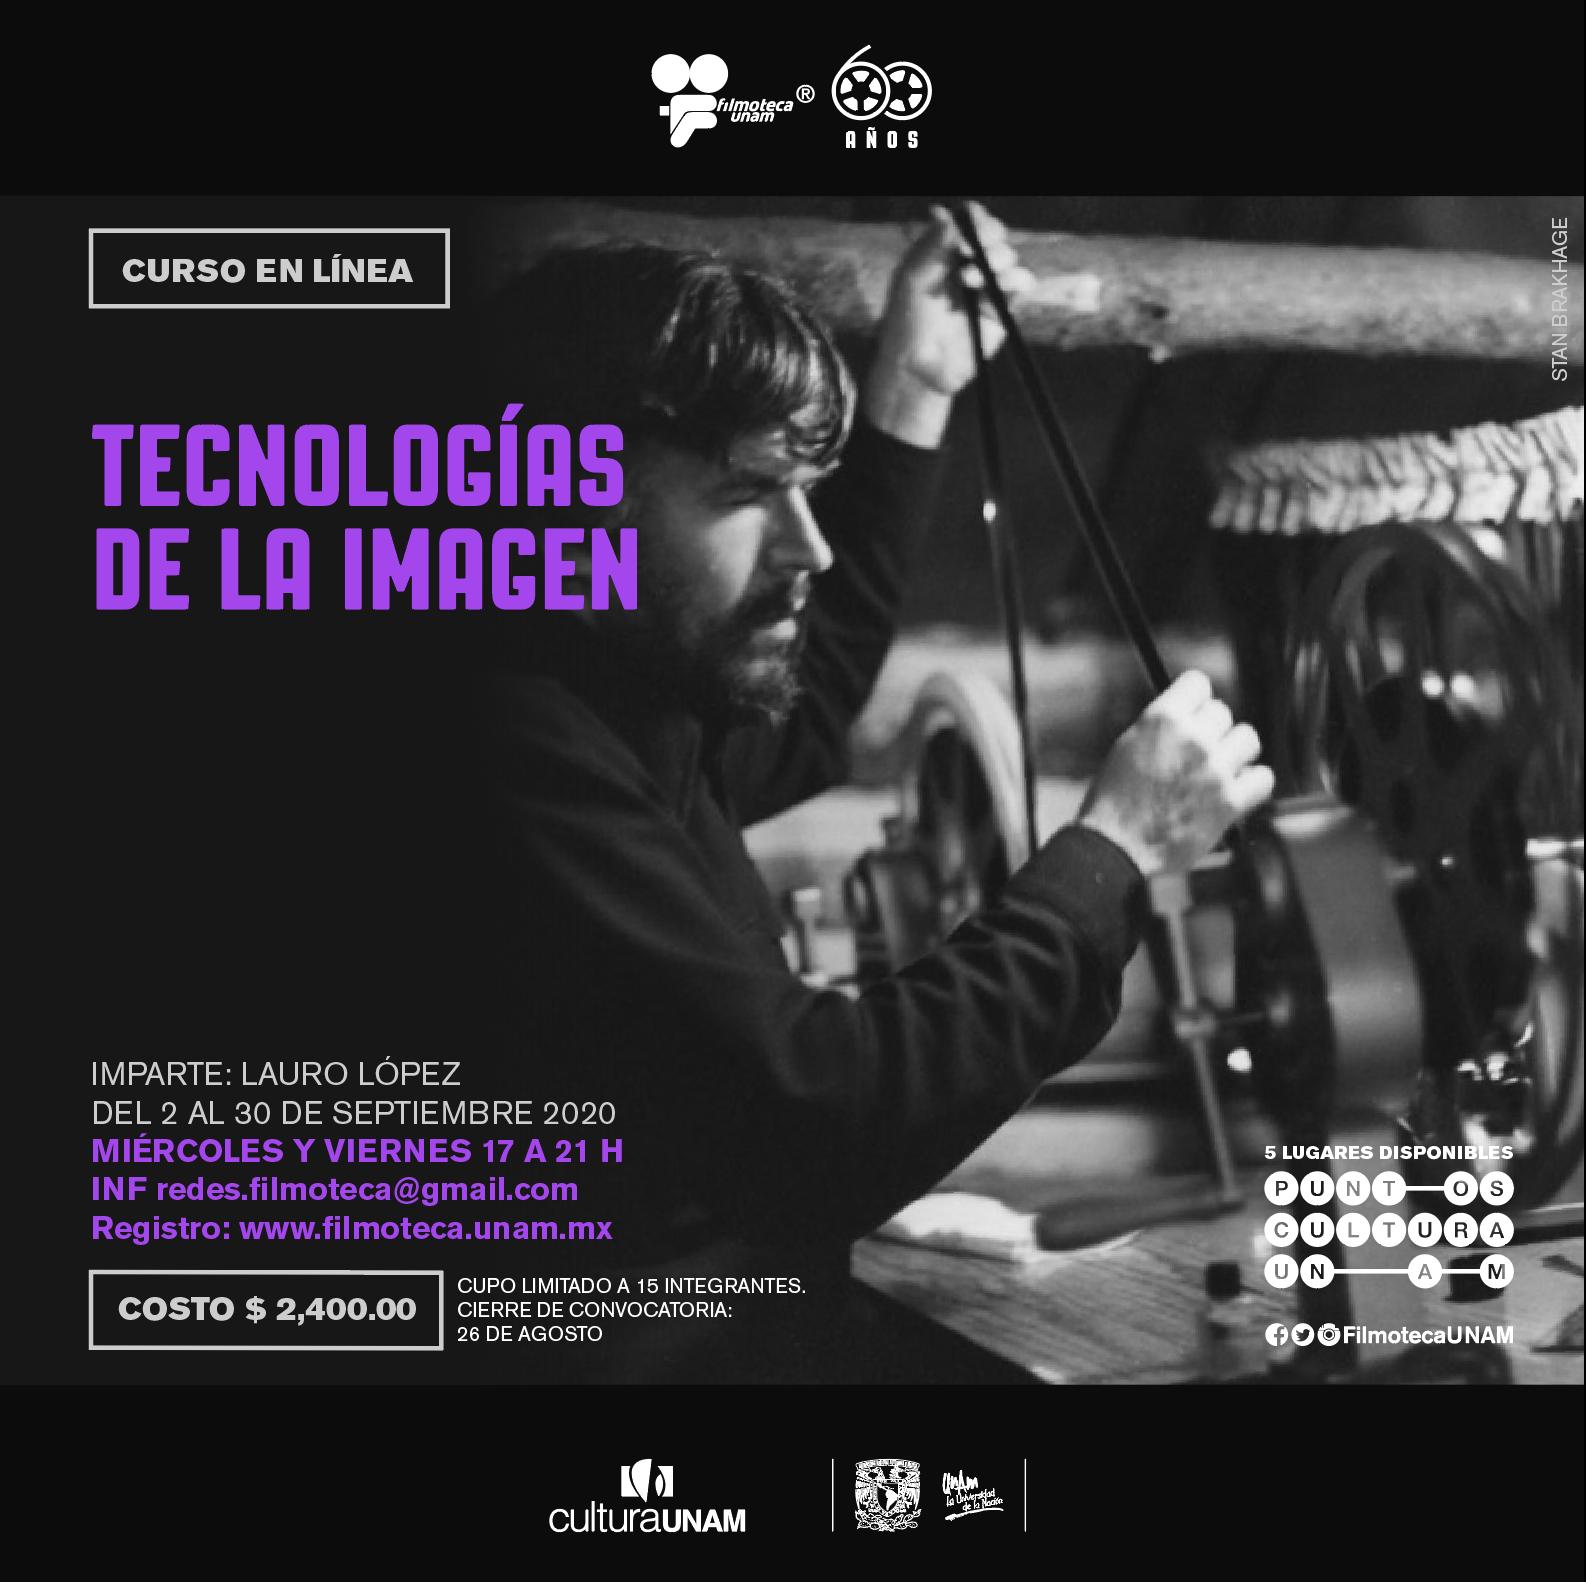 NuevasTech